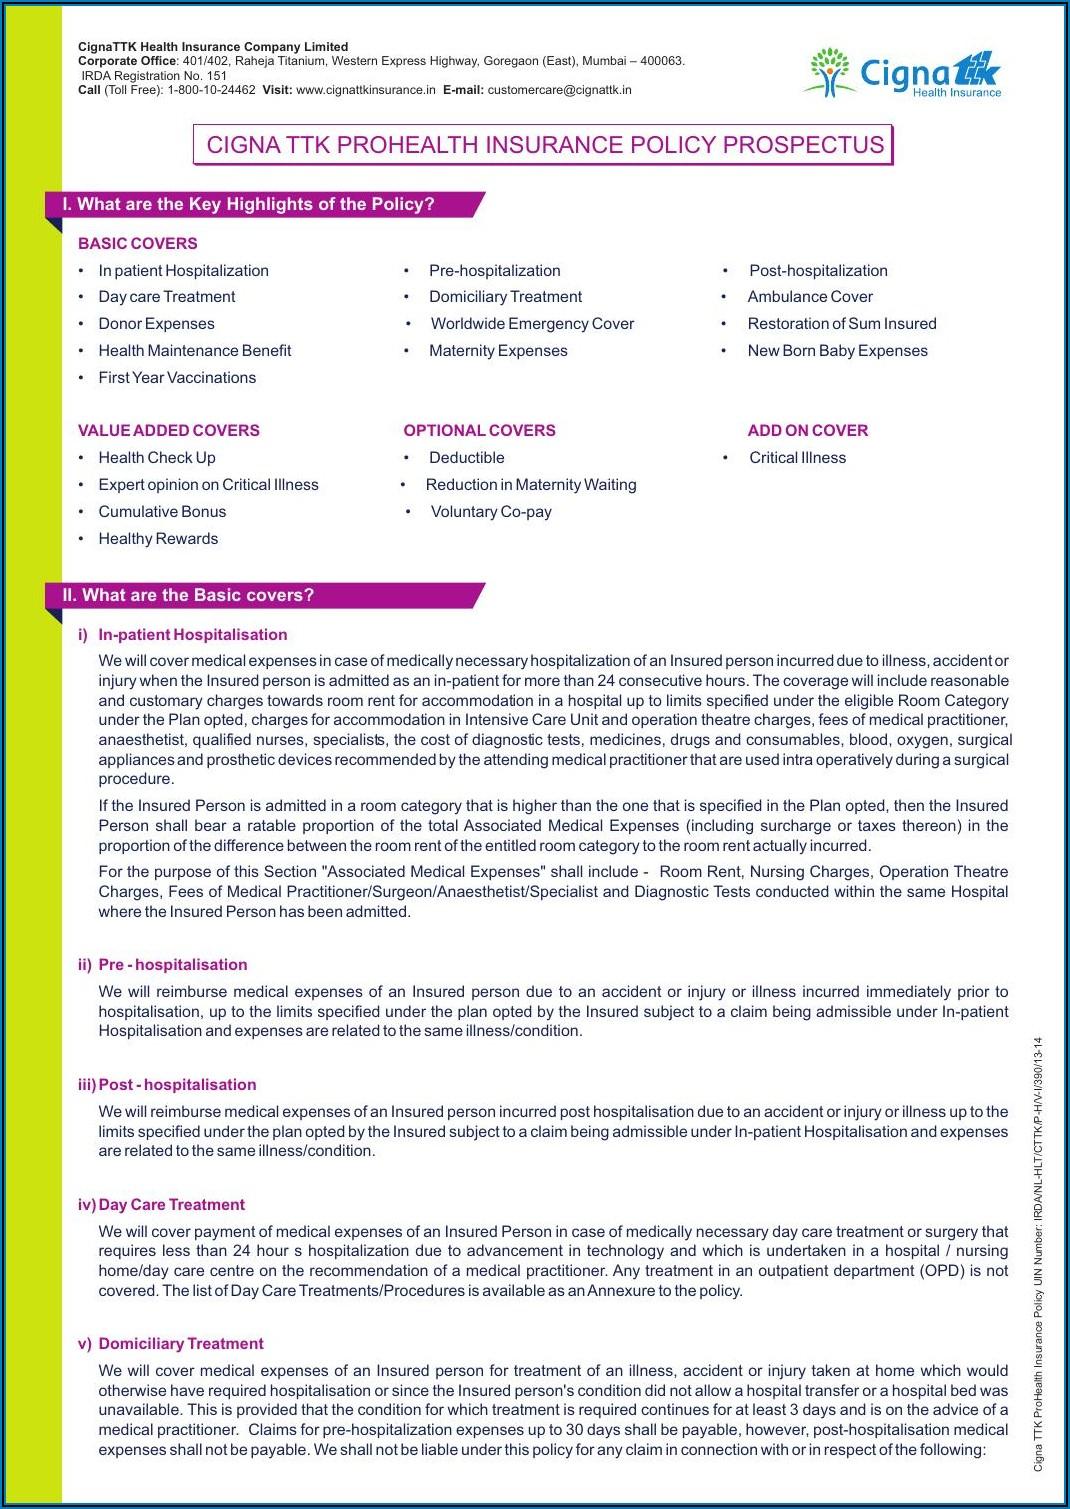 Cigna Prohealth Plus Brochure